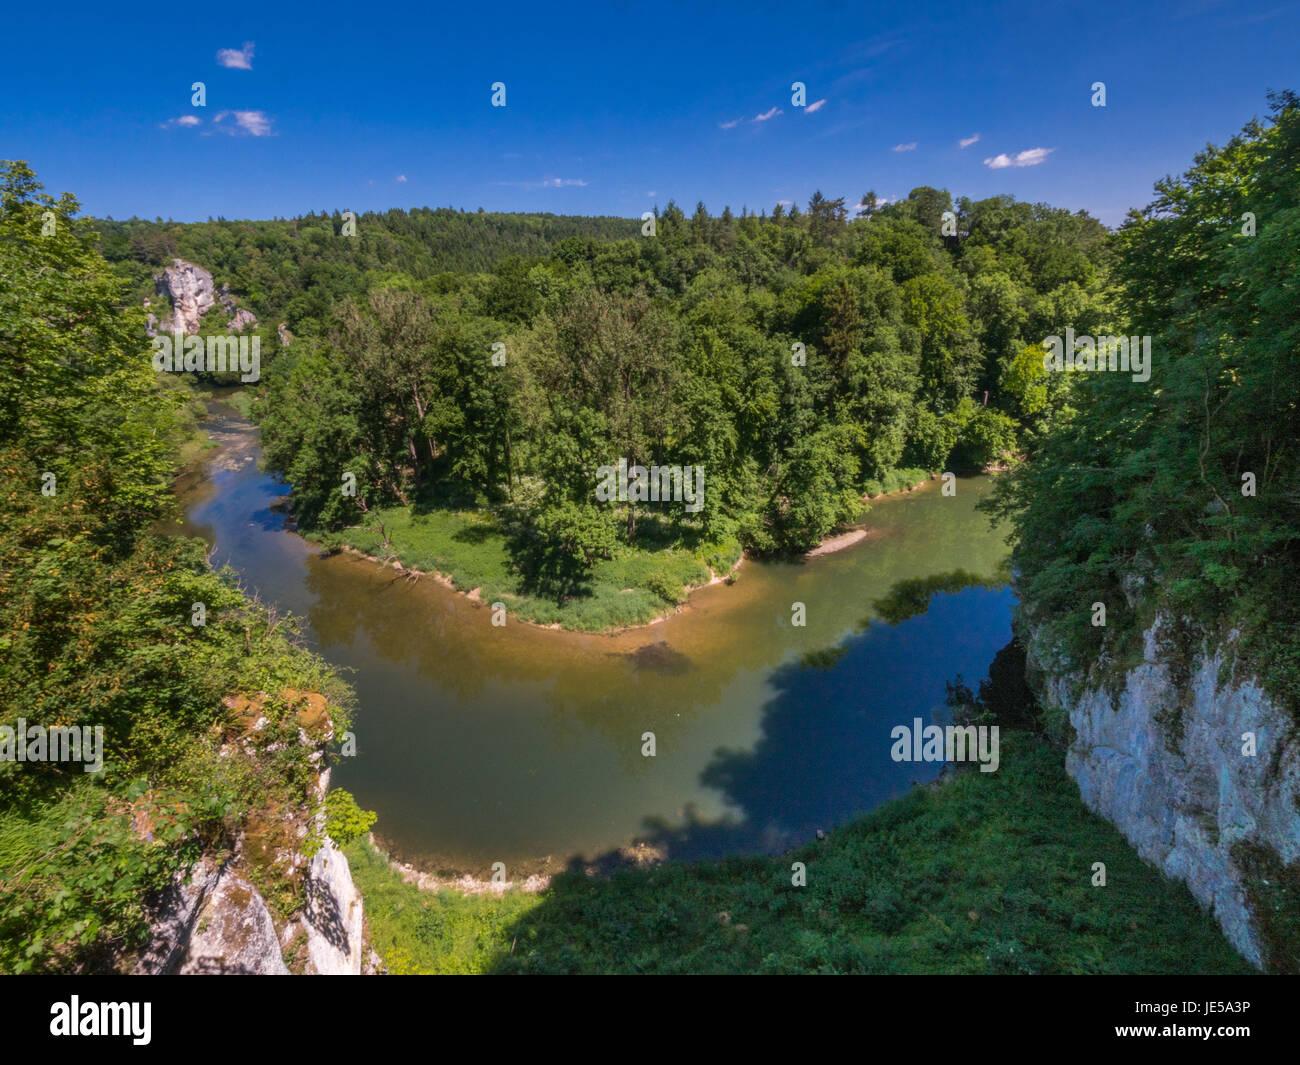 Donau in der Nähe von Inzigkofen im oberen Donautal, Schwäbische Alb, Baden Württemberg, Deutschland, Stockbild